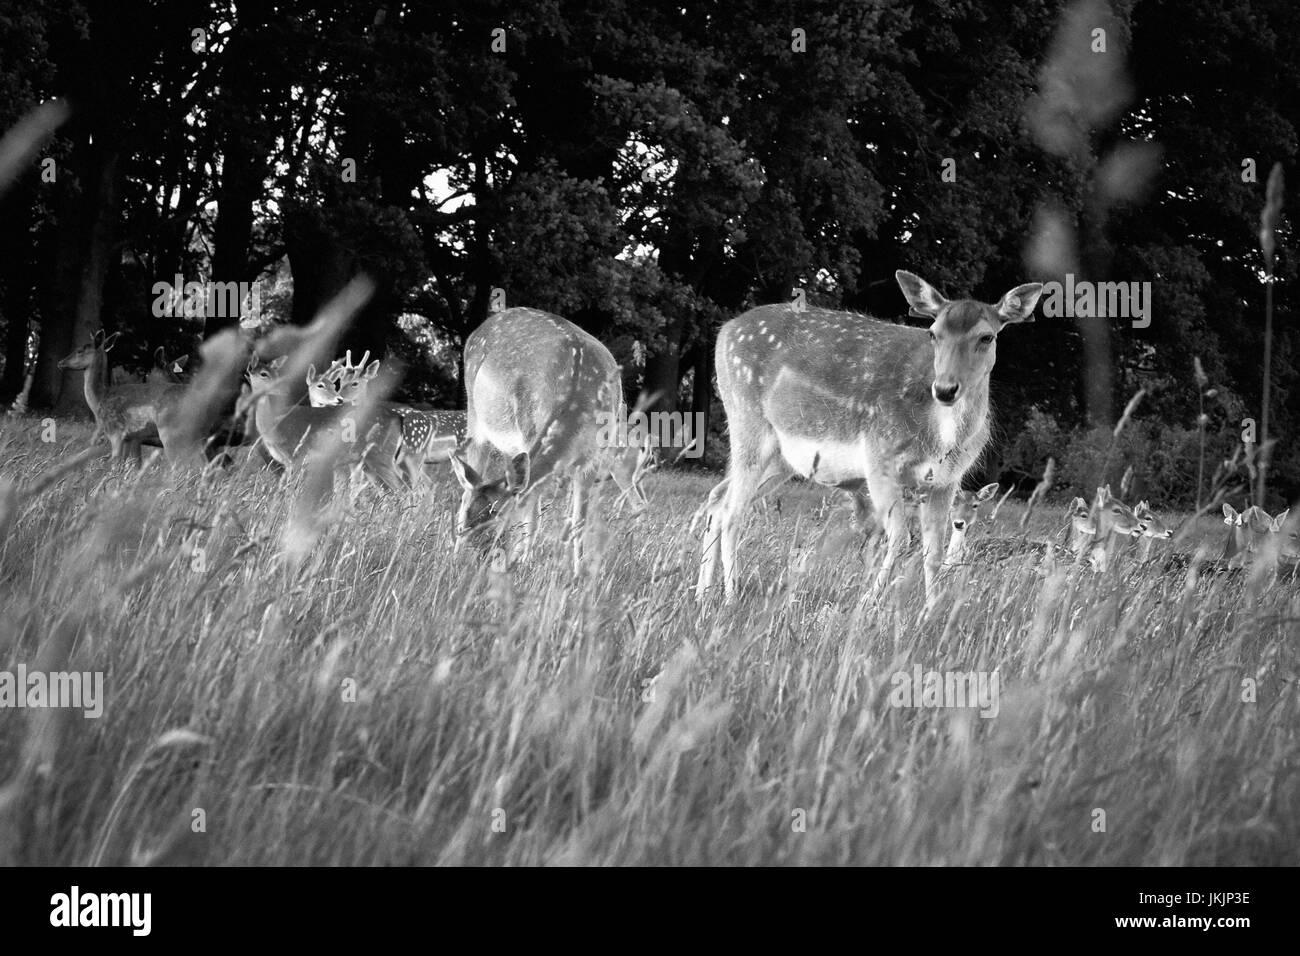 Herd of deer in Phoenix Park, Dublin, Ireland - Stock Image